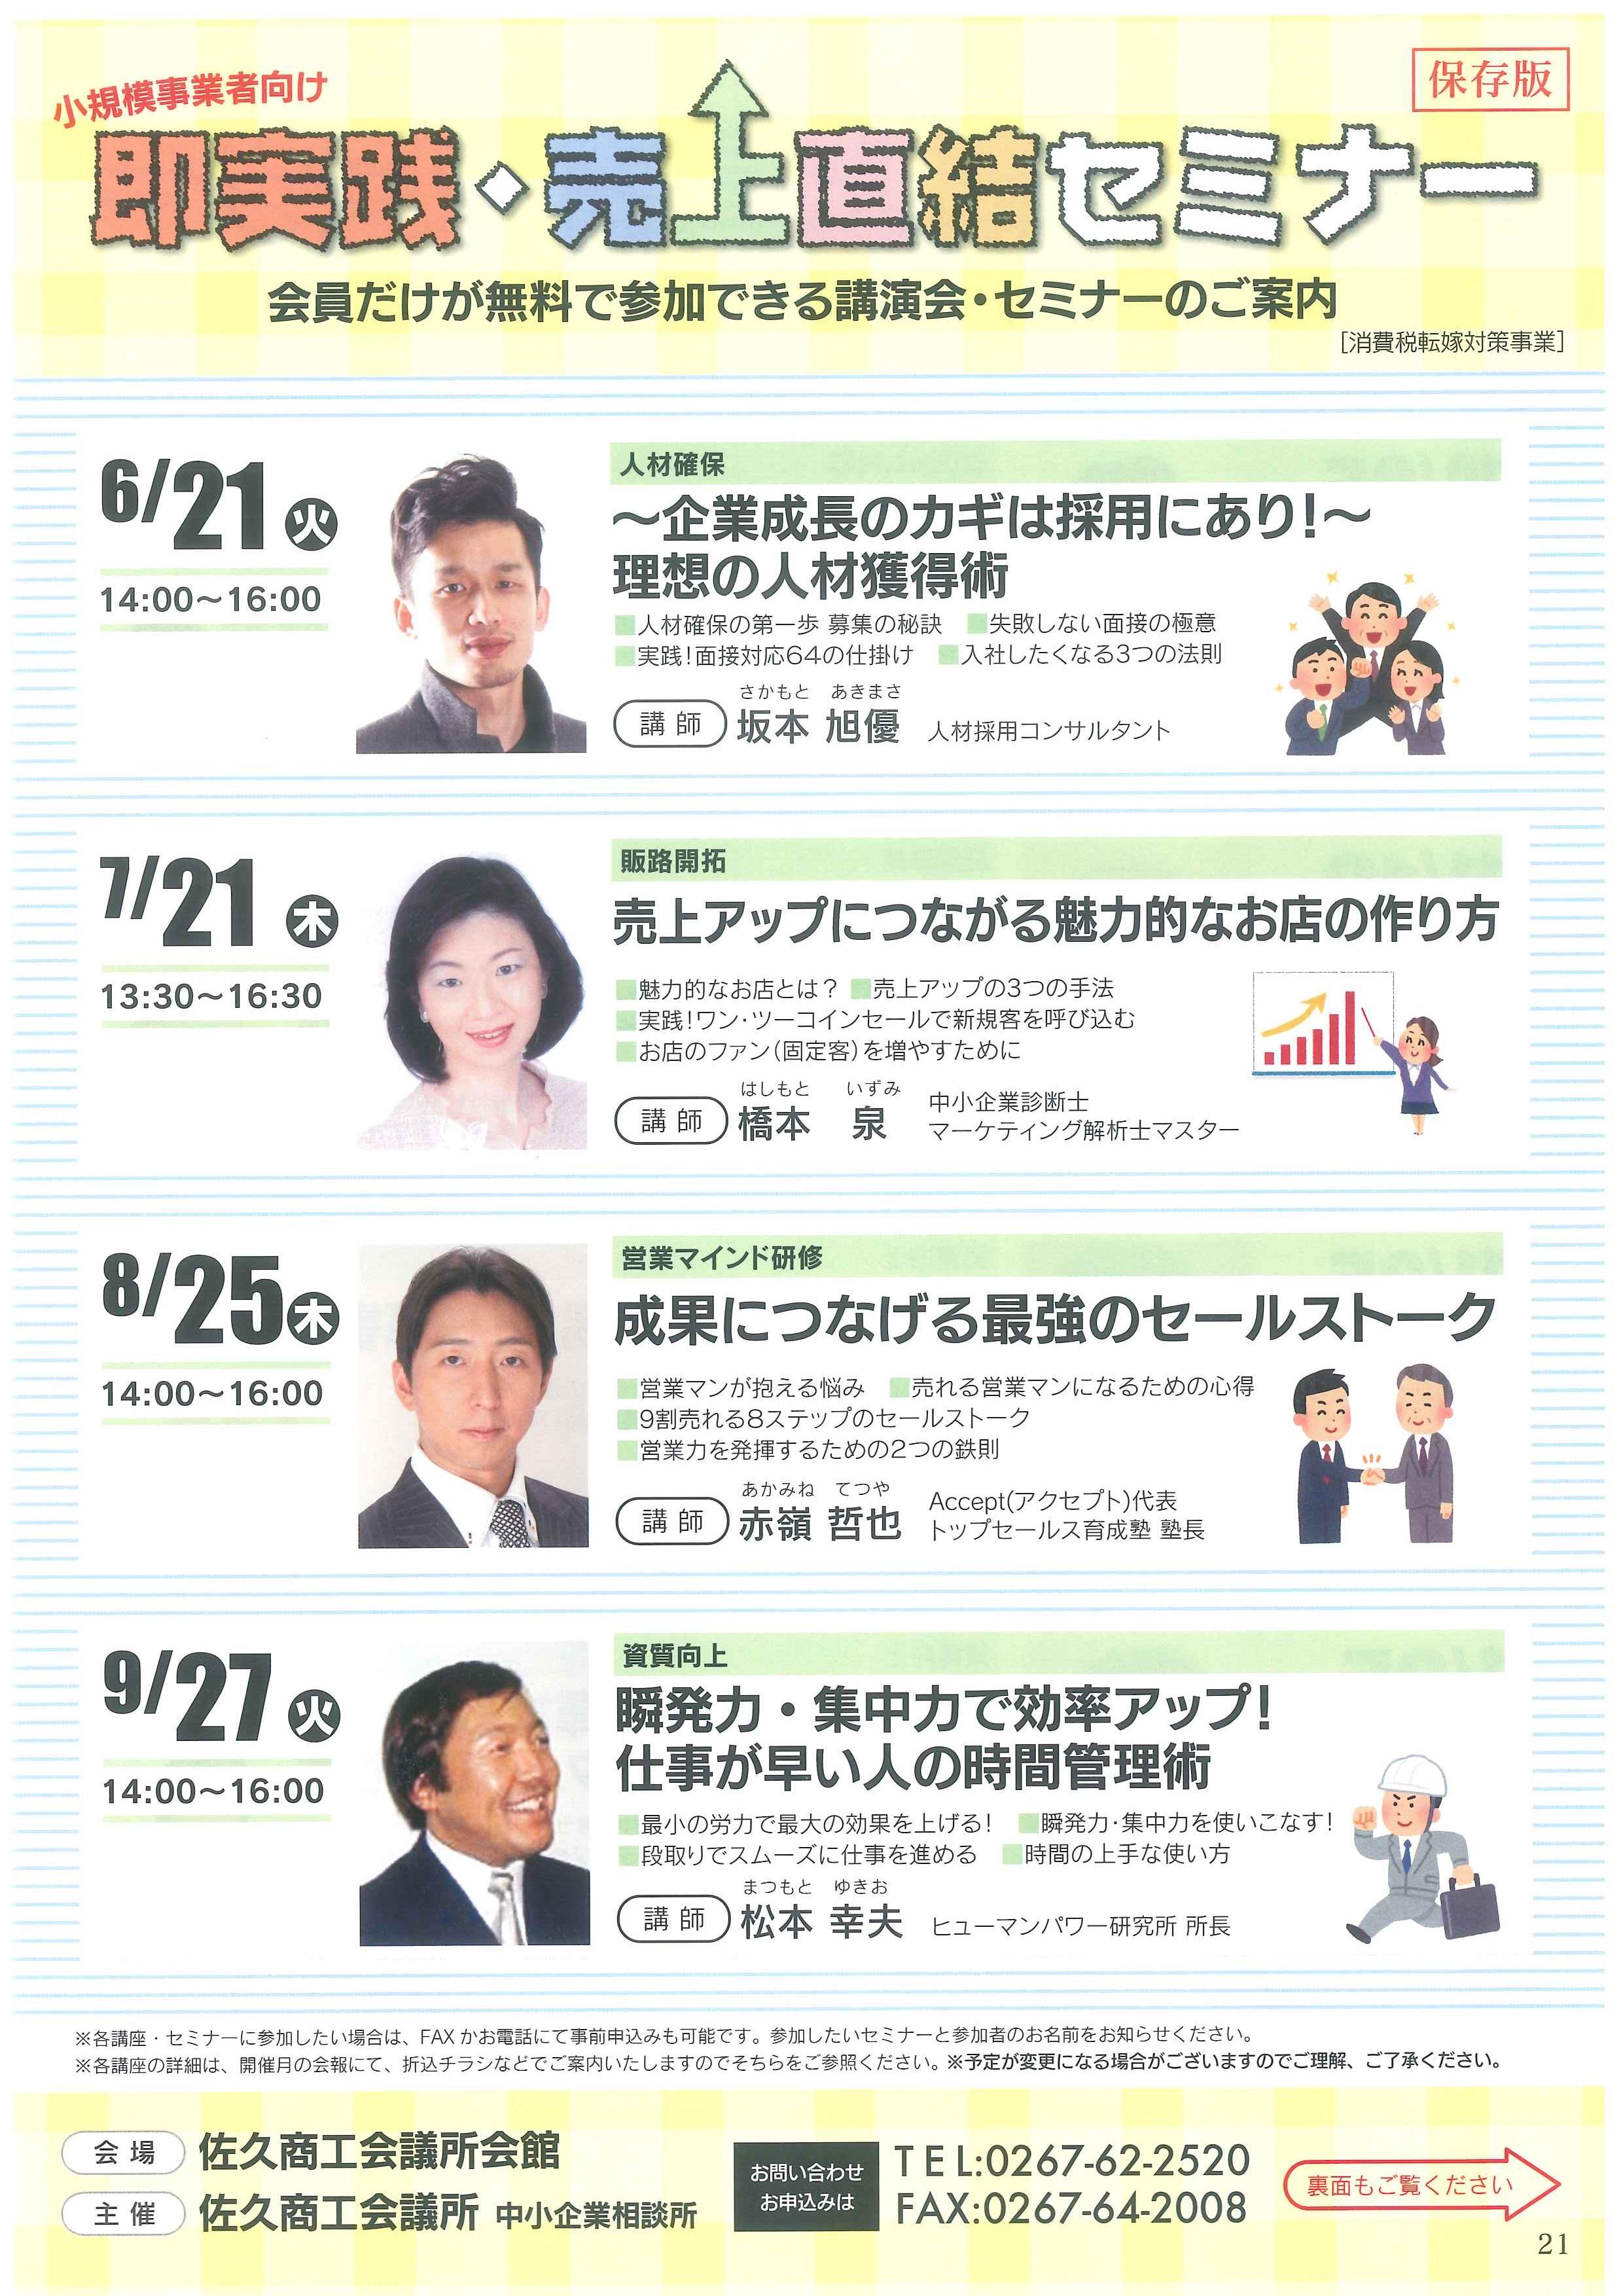 イメージ:平成28年度当所主催セミナー 年間スケジュール